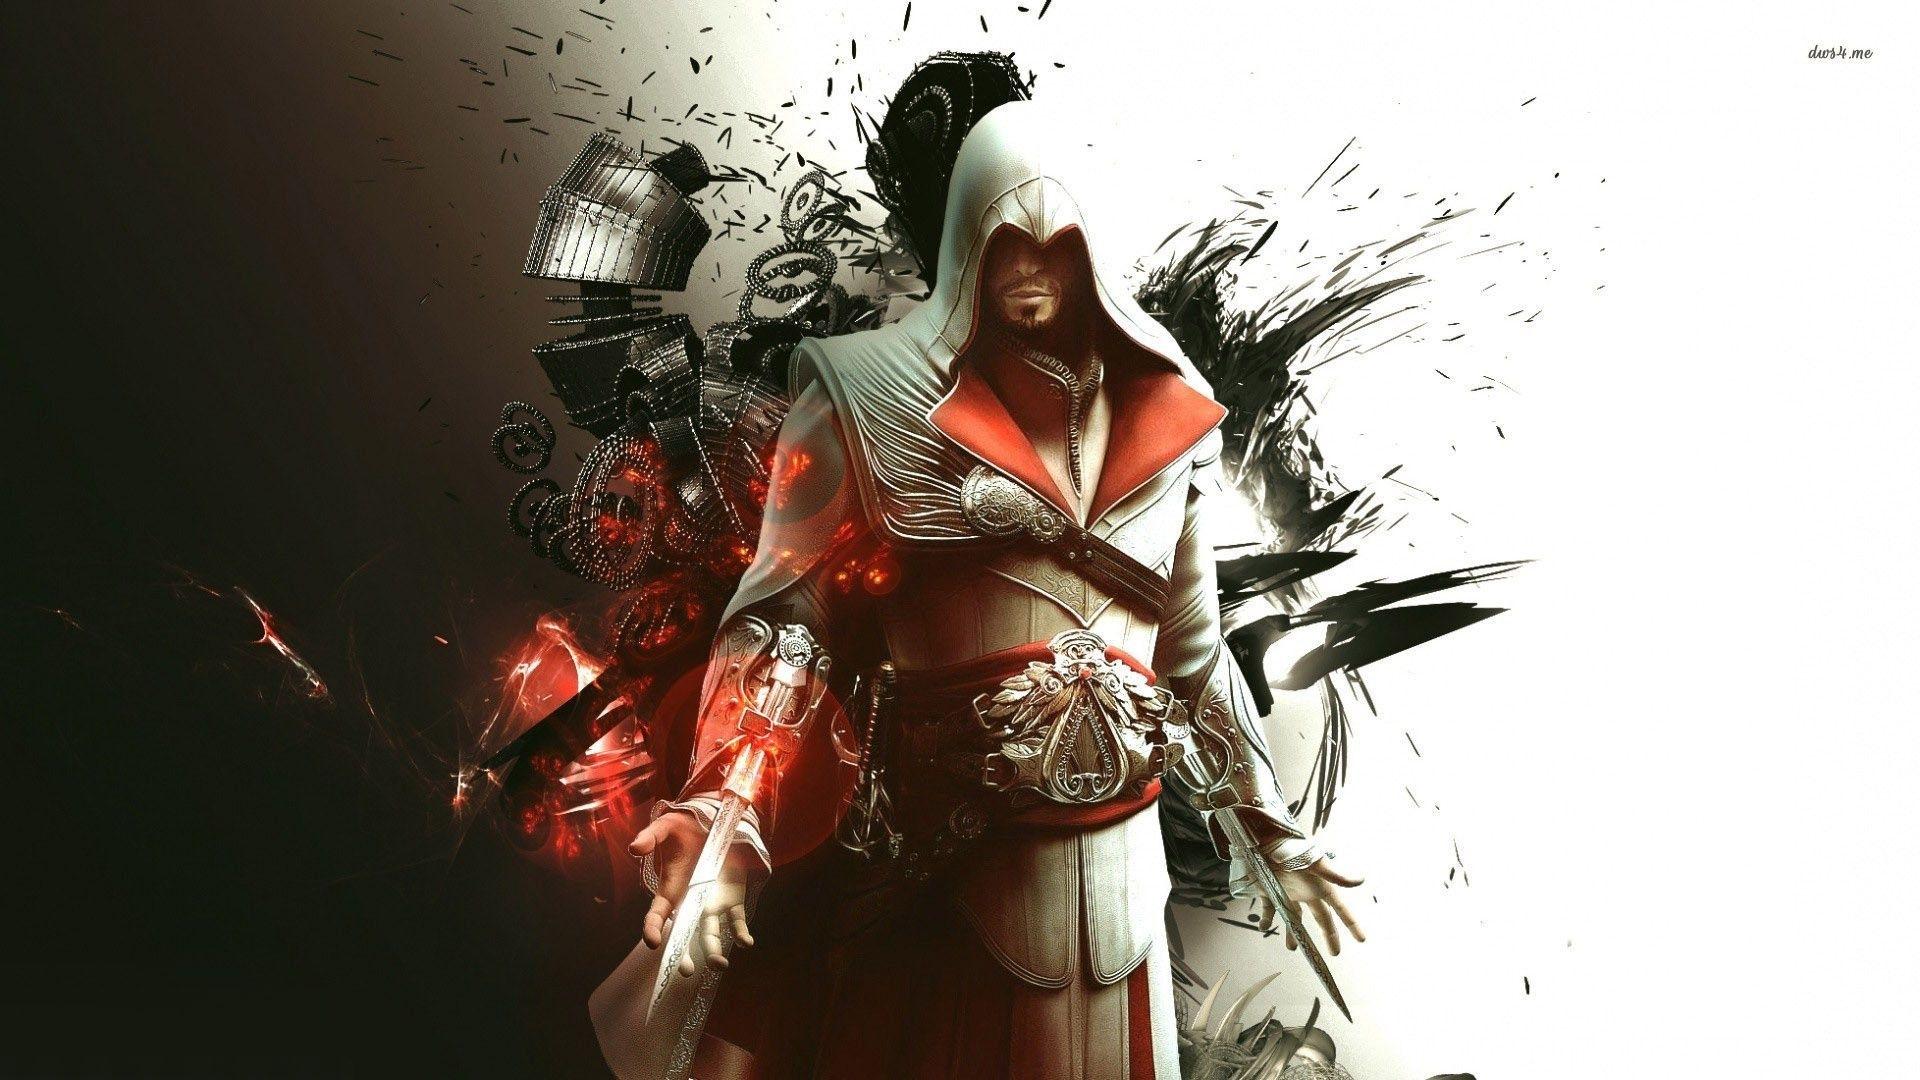 assassin's creed ezio - google search | desmond's assassin ancestors